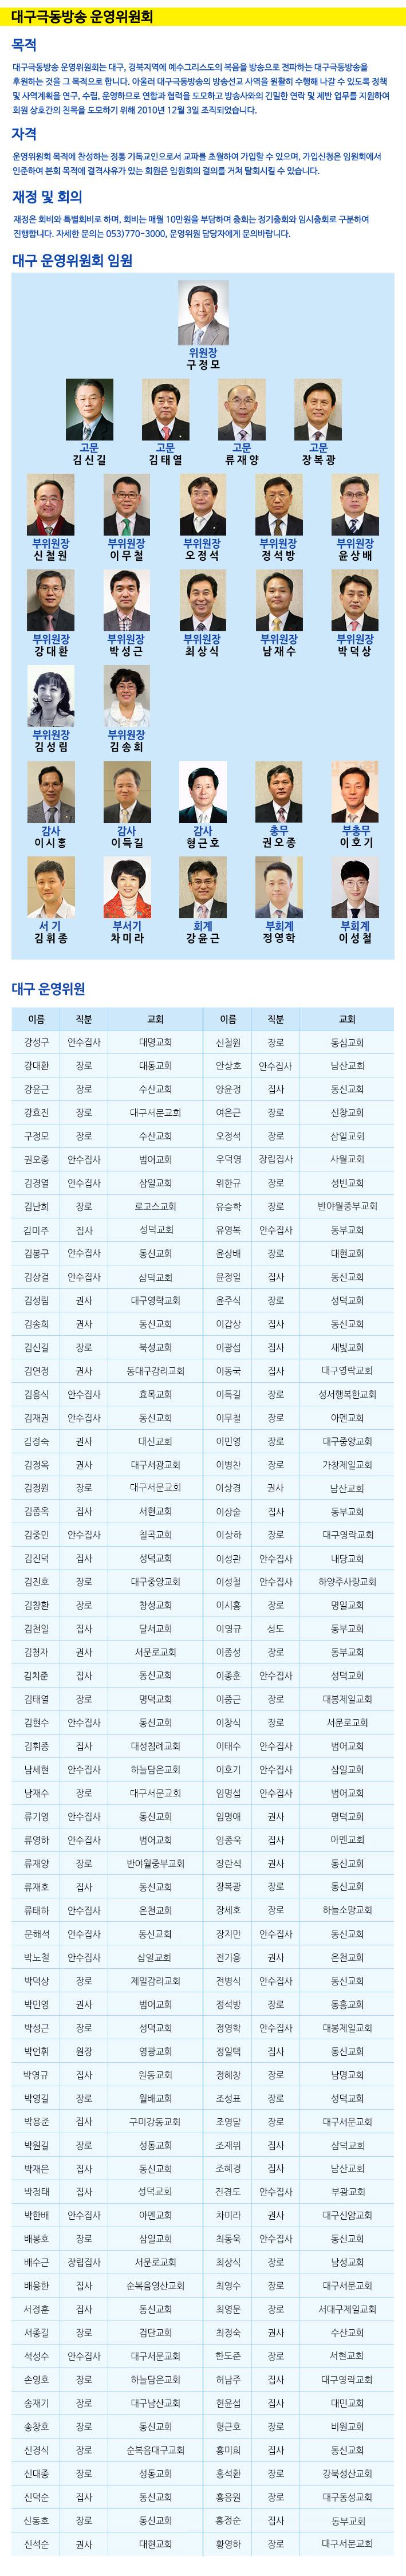 대구극동방송_운영위원소개_수정_20190424.jpg